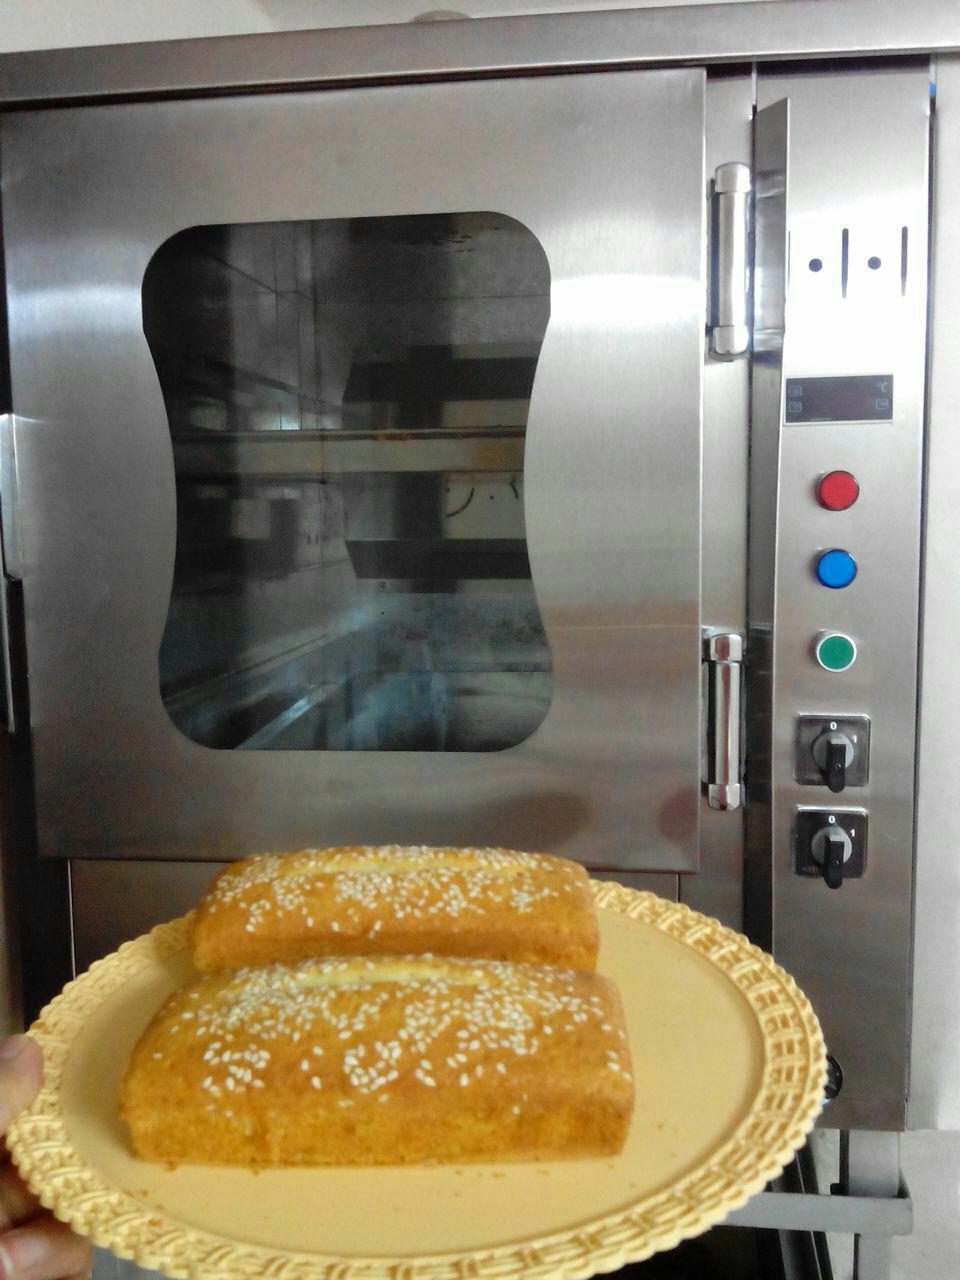 تعمیر دستگاه شیرینی پزی